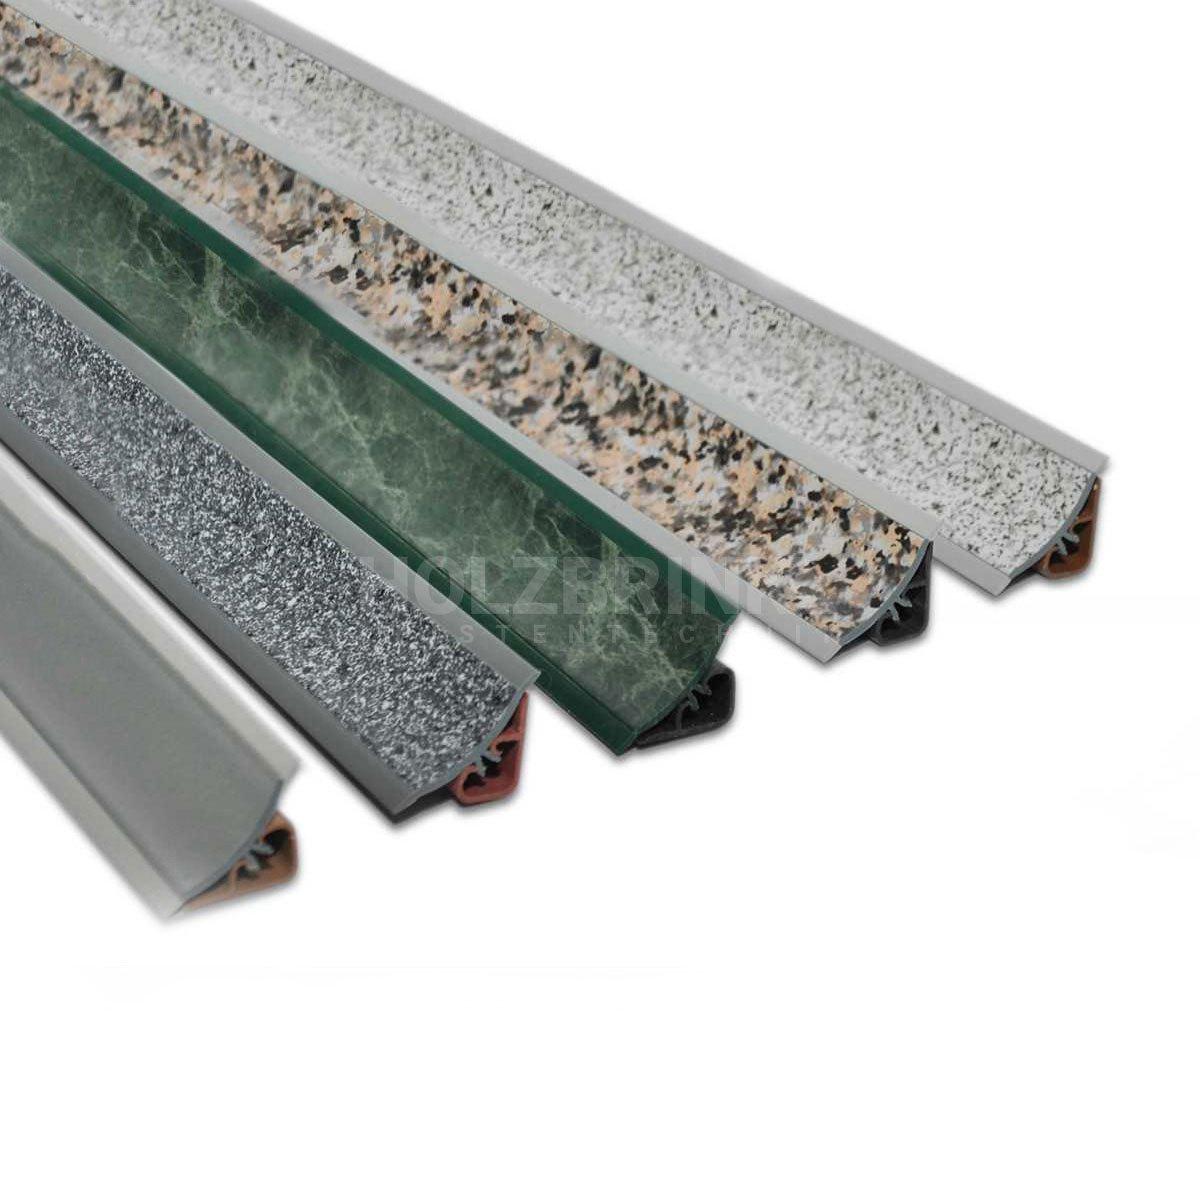 Küchenleisten für arbeitsplatte  250cm Küchenabschlussleiste Küchenleiste Wandabschlussleiste ...